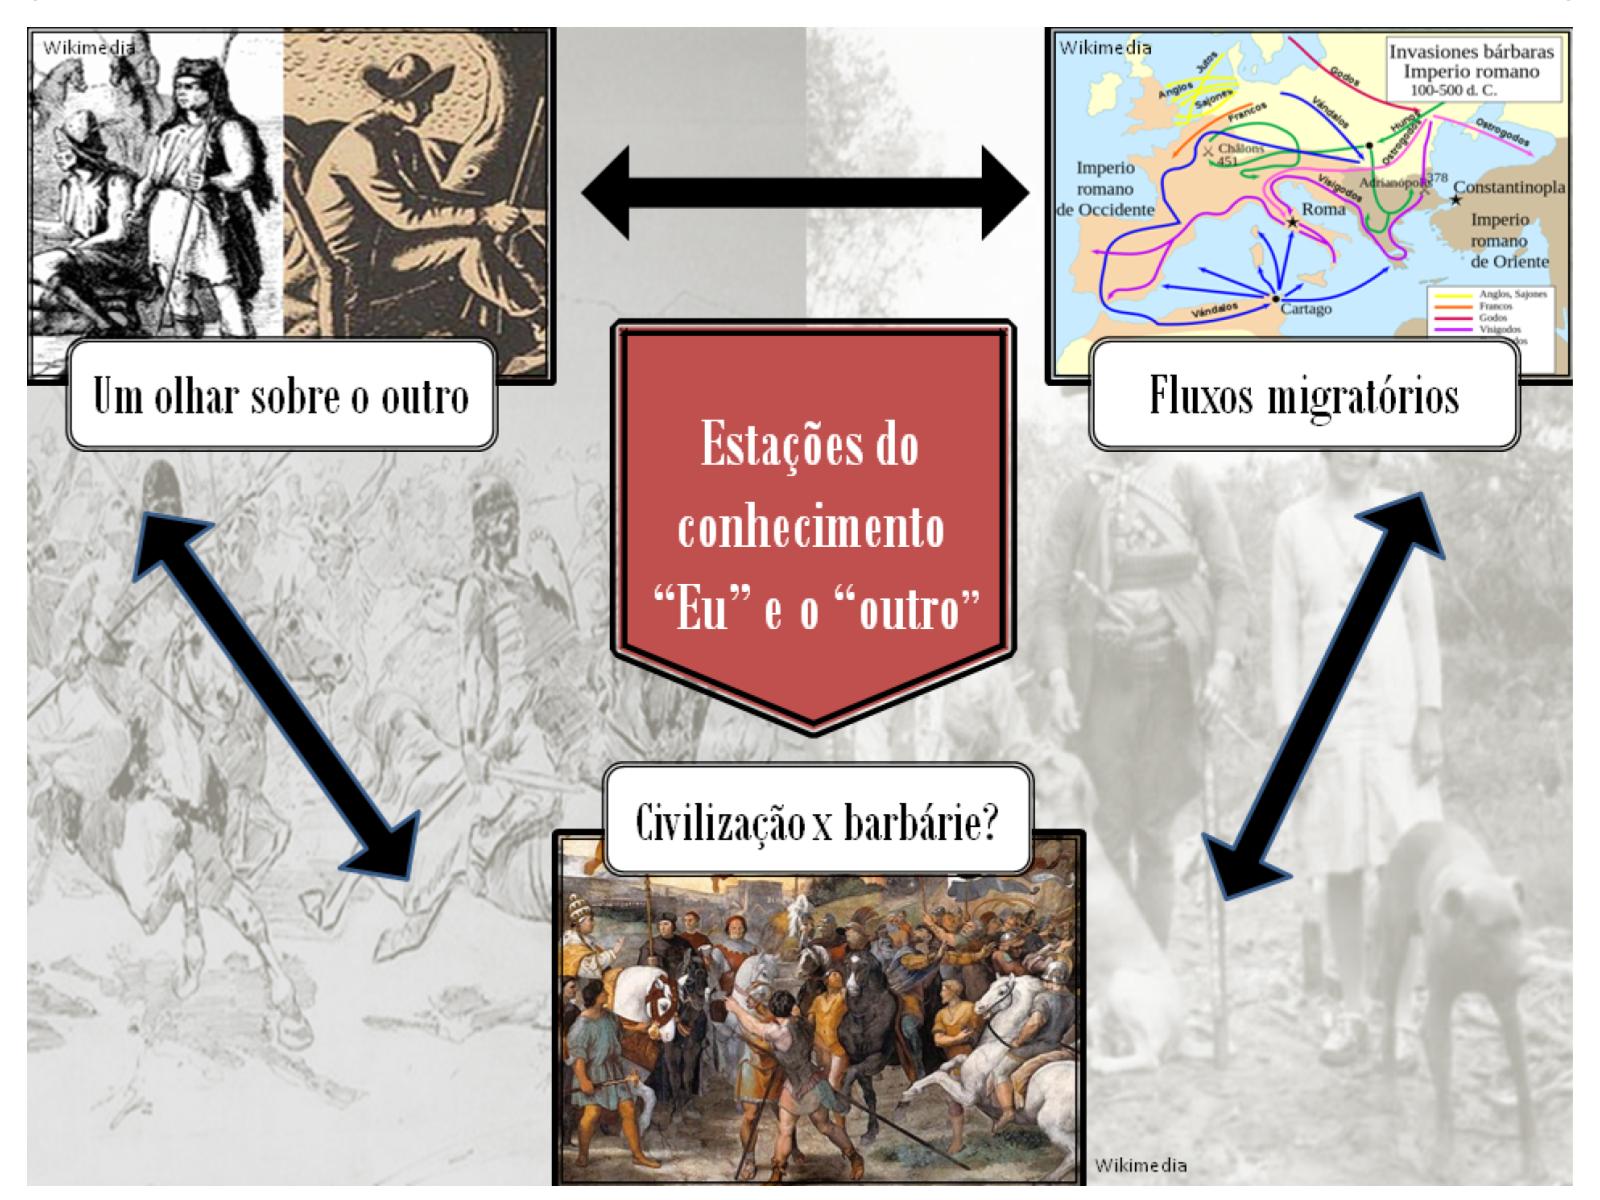 Invasões ao Império Romano